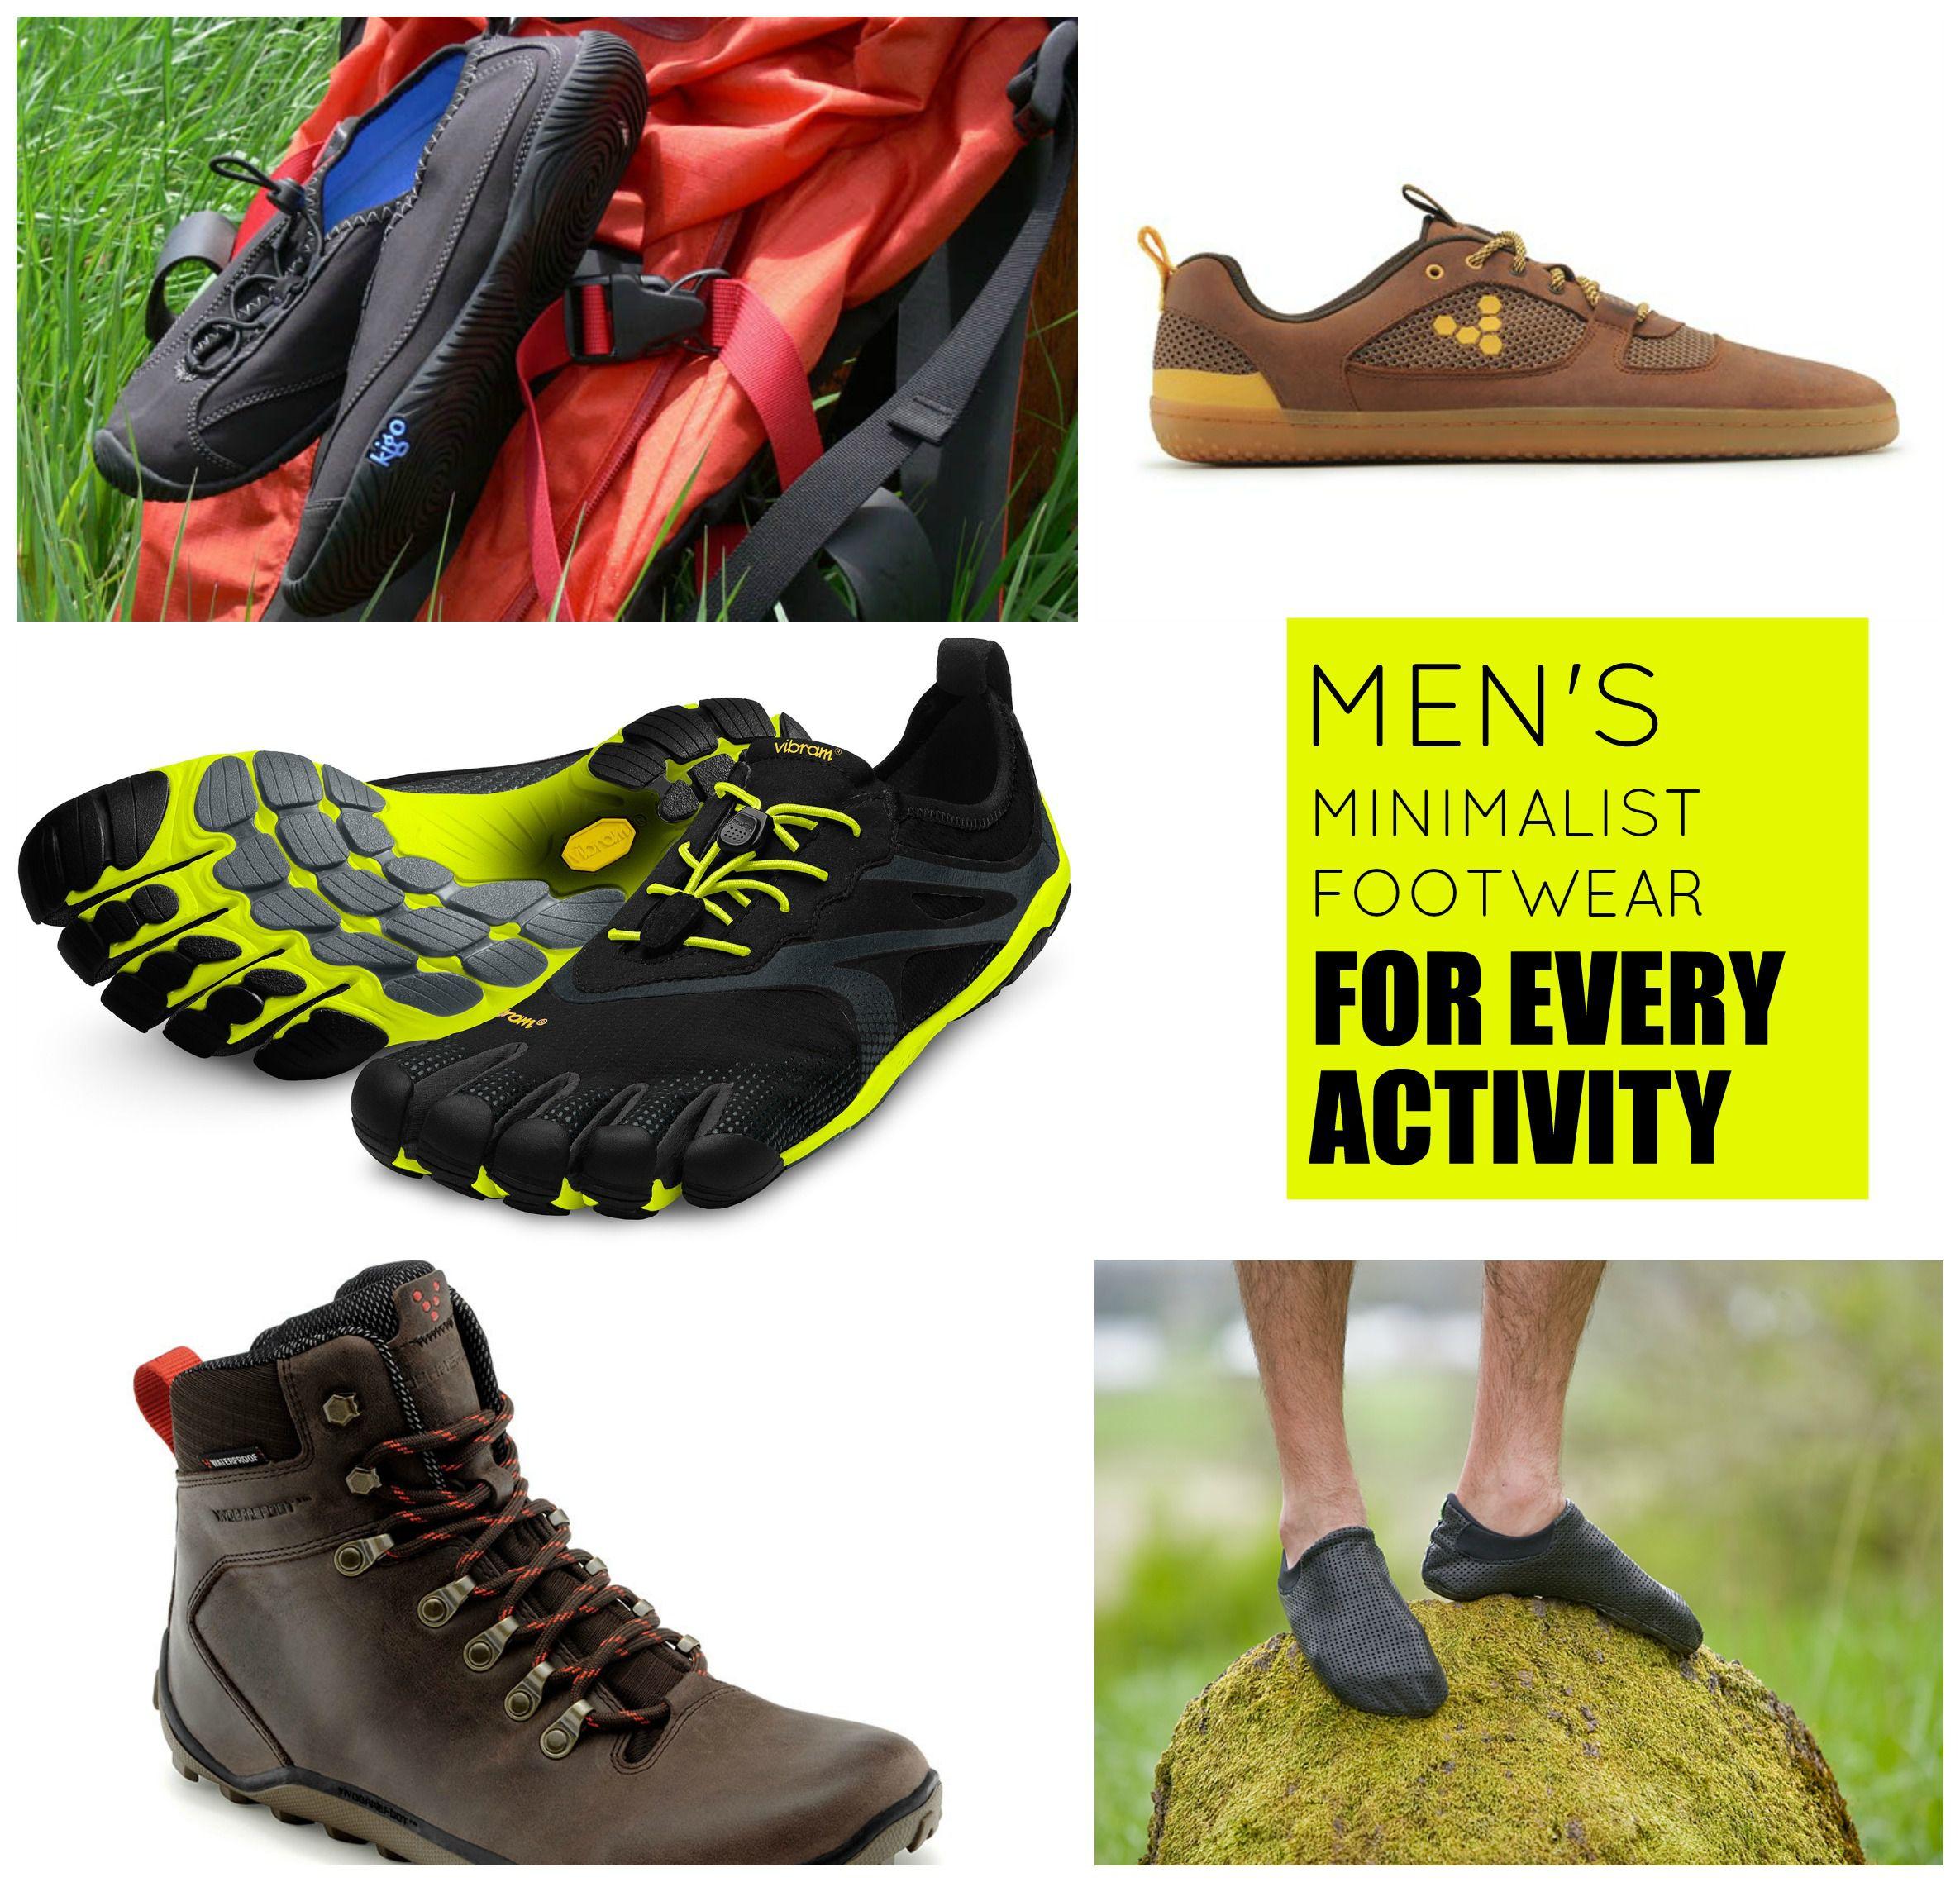 Calzado minimalista de hombre